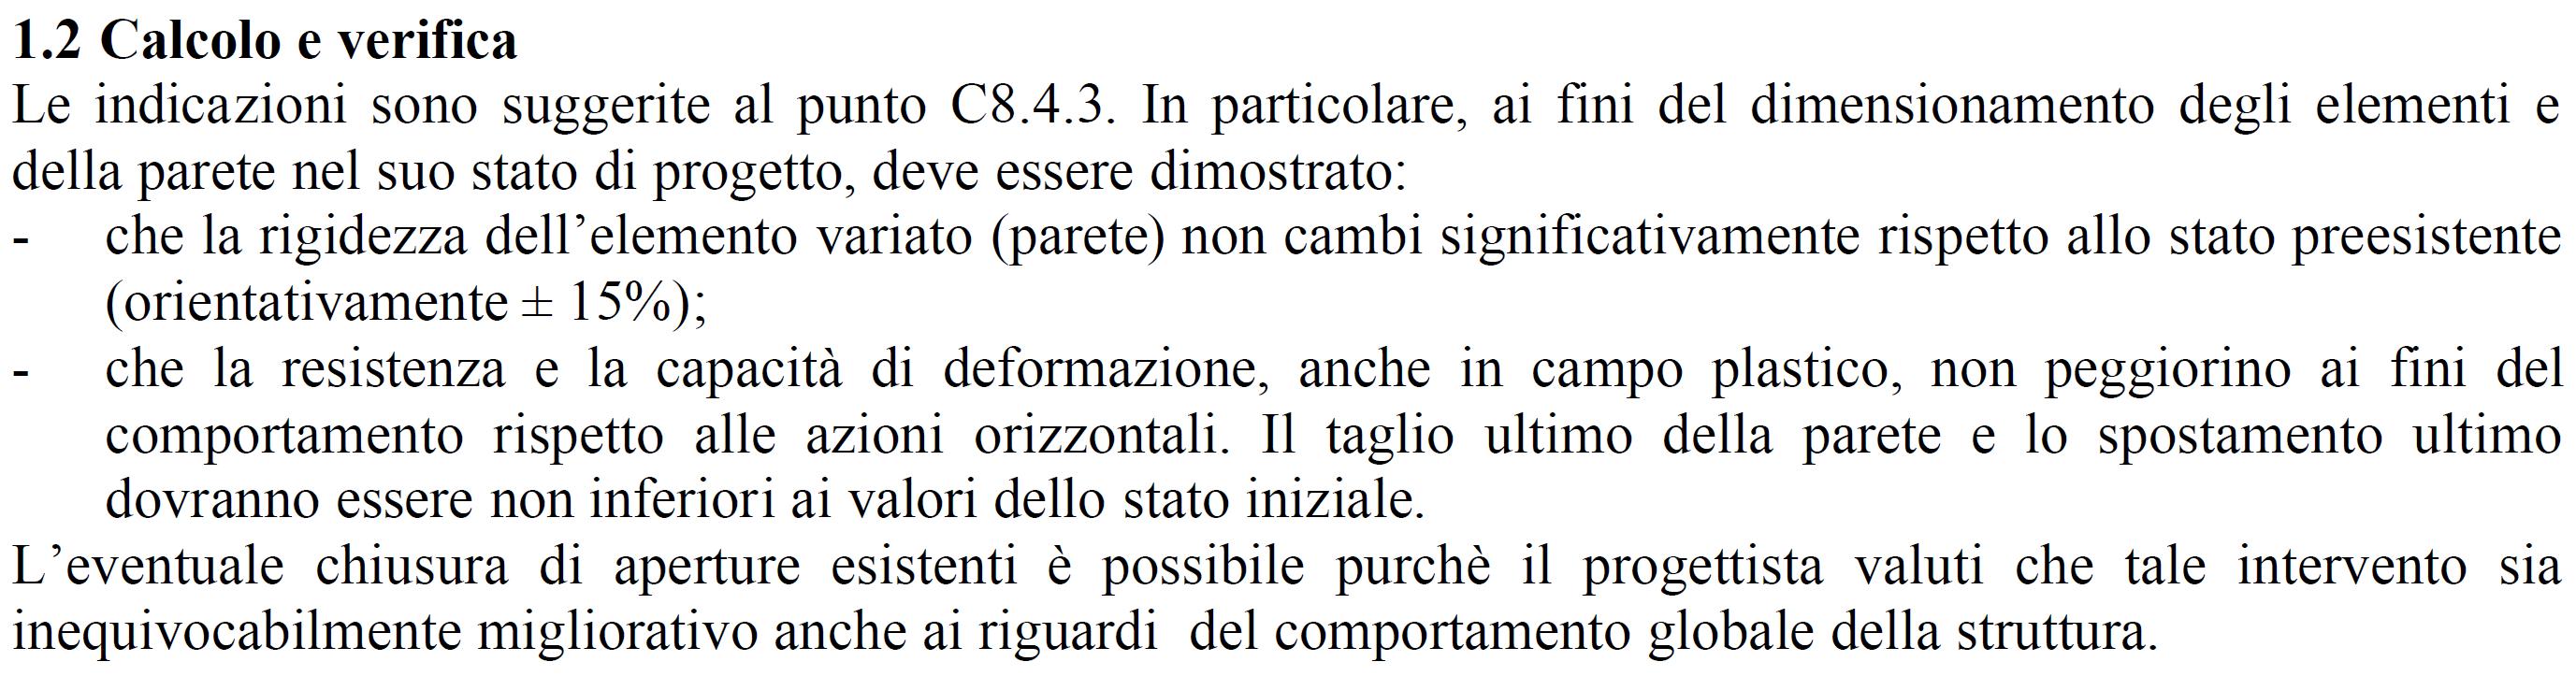 Regione Toscana orientamenti interpretativi interventi locali. Variazione rigidezza significativa.